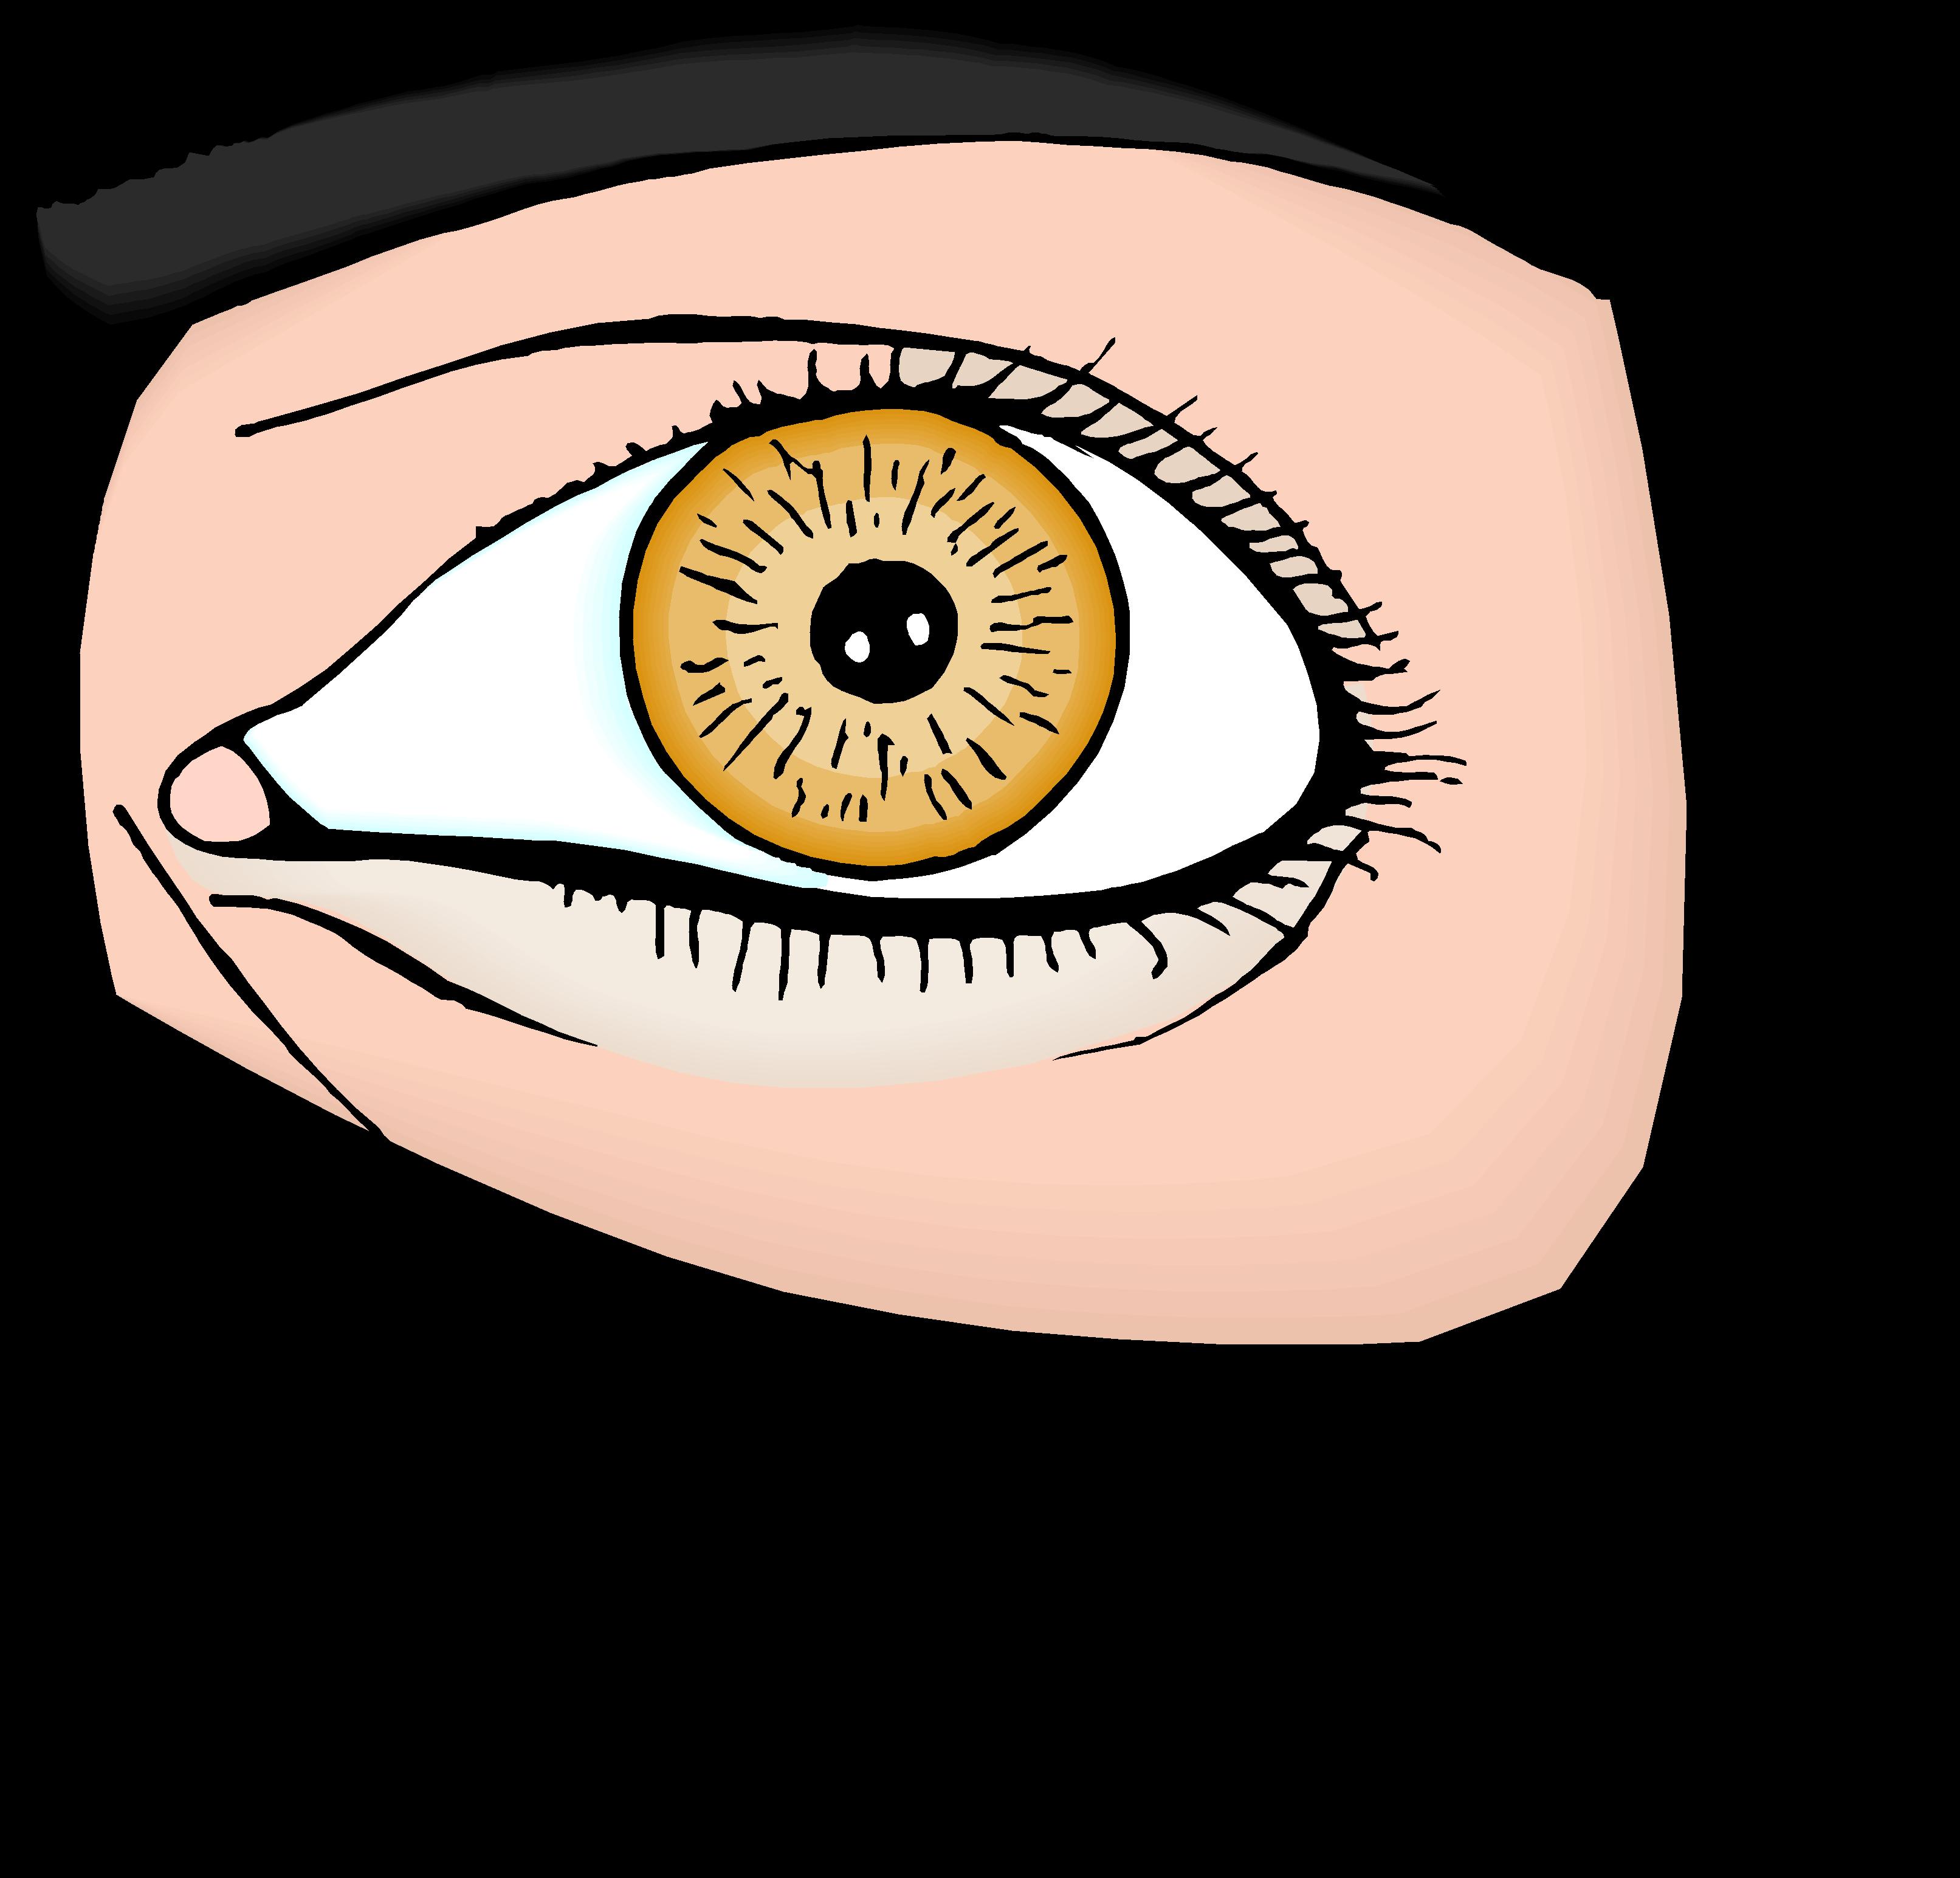 Coal clipart eye. Natural gas pptx copy